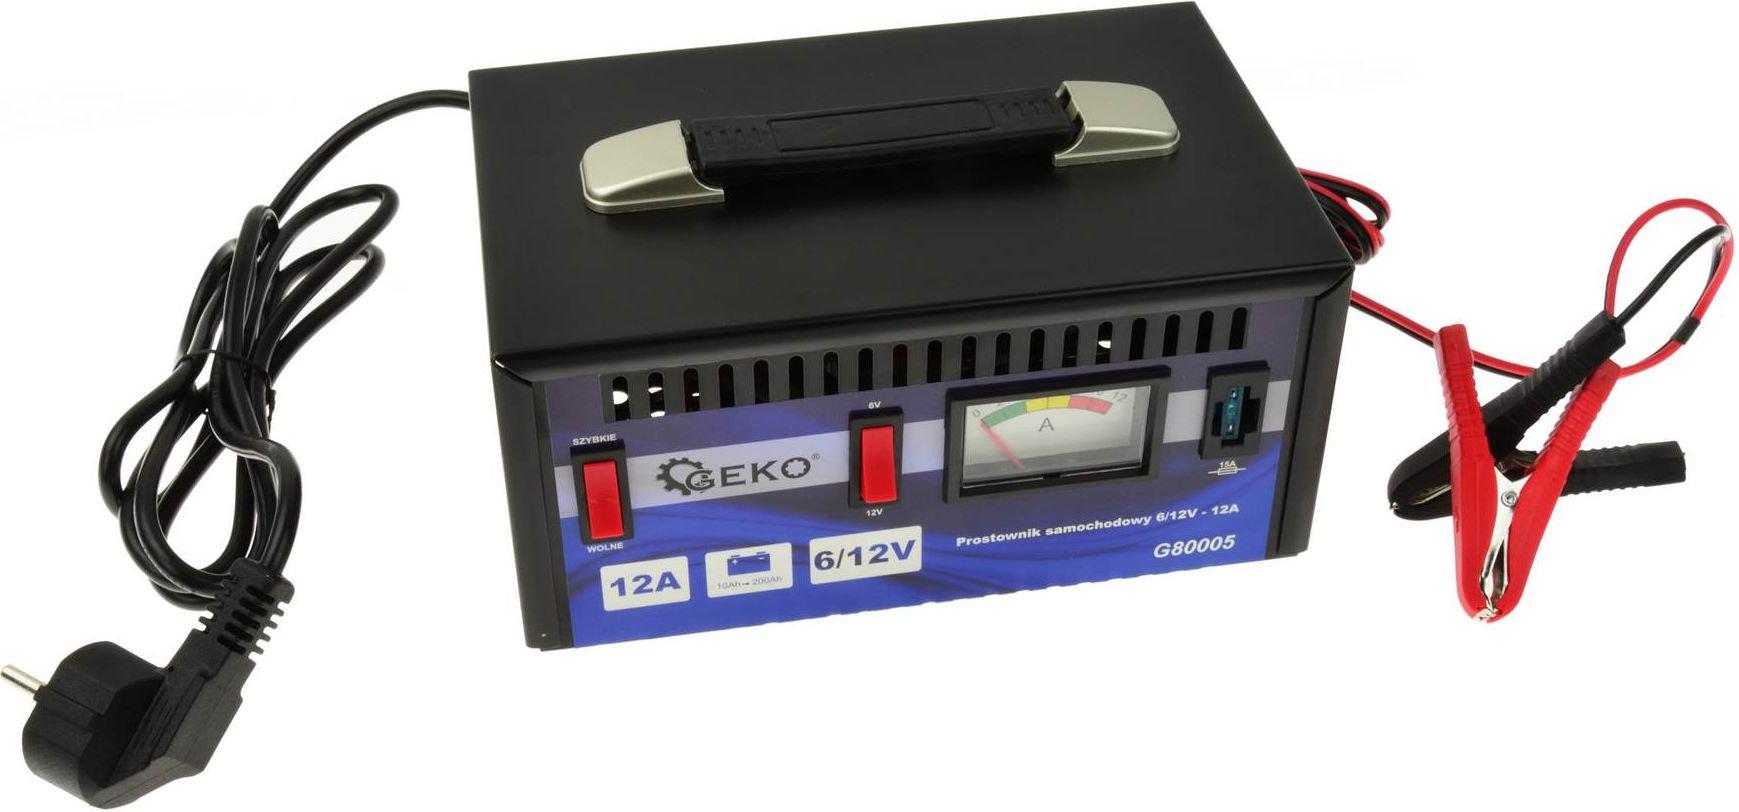 Geko Car rectifier 6 / 12V - 12A auto akumulatoru lādētājs